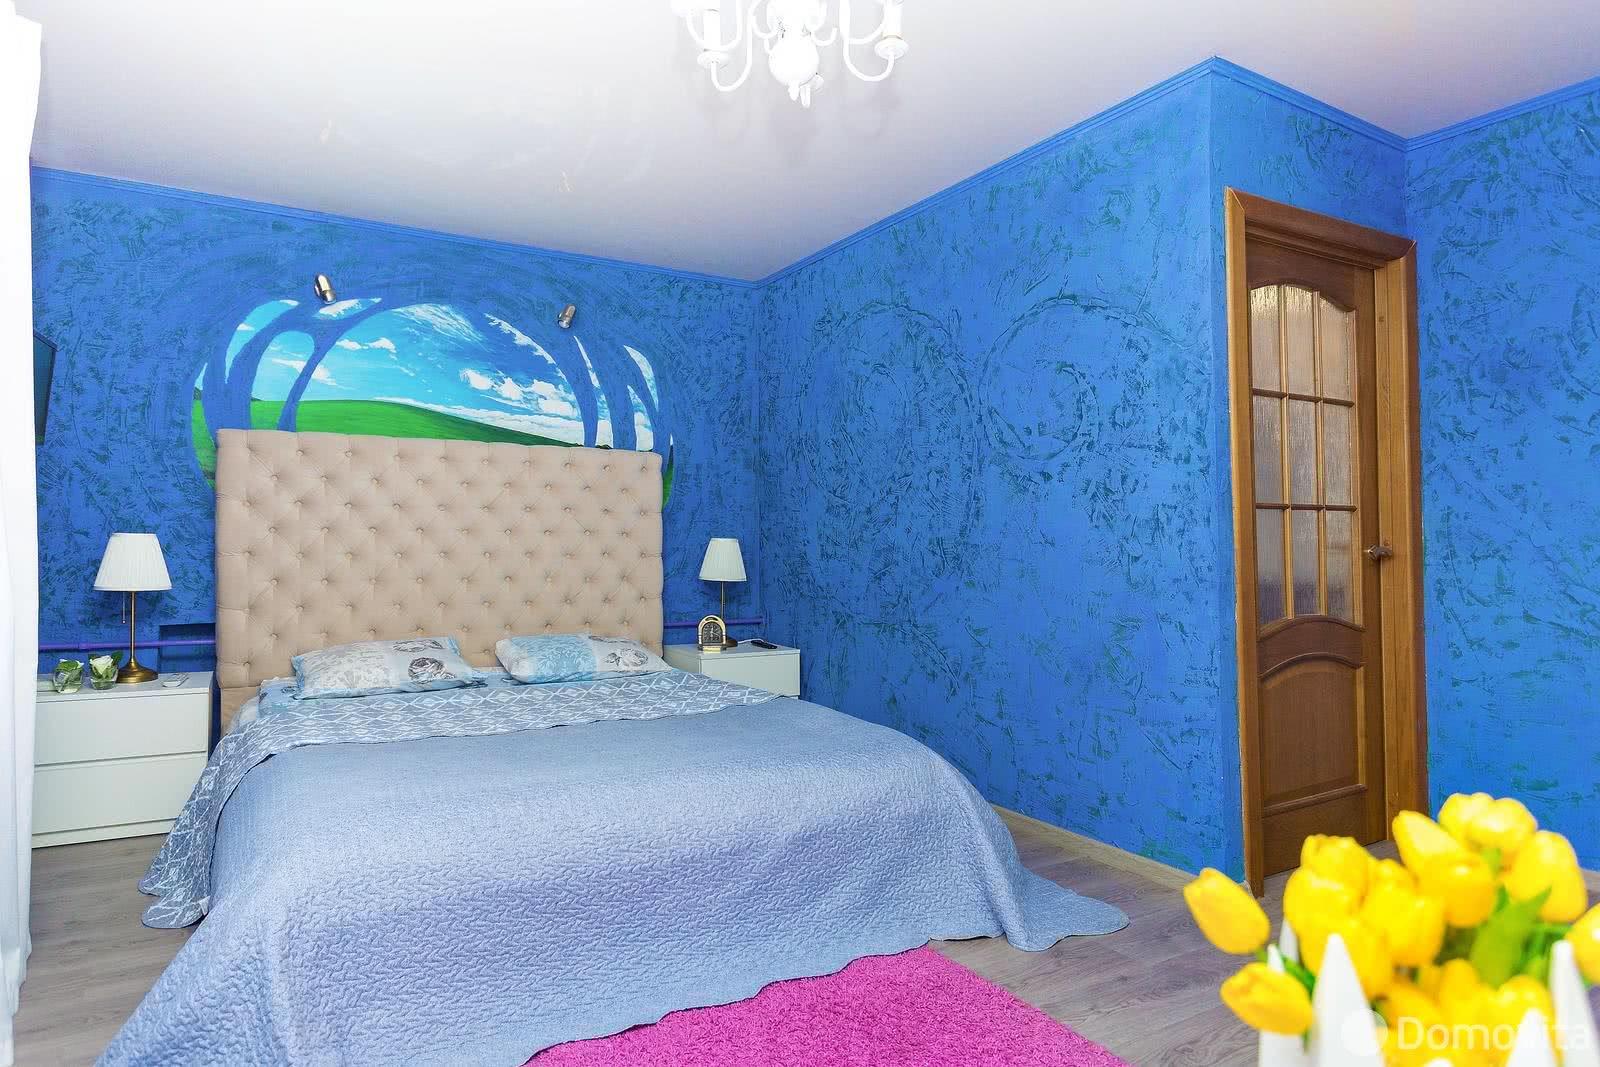 1-комнатная квартира на сутки в Минске ул. Городской Вал, д. 9 - фото 3